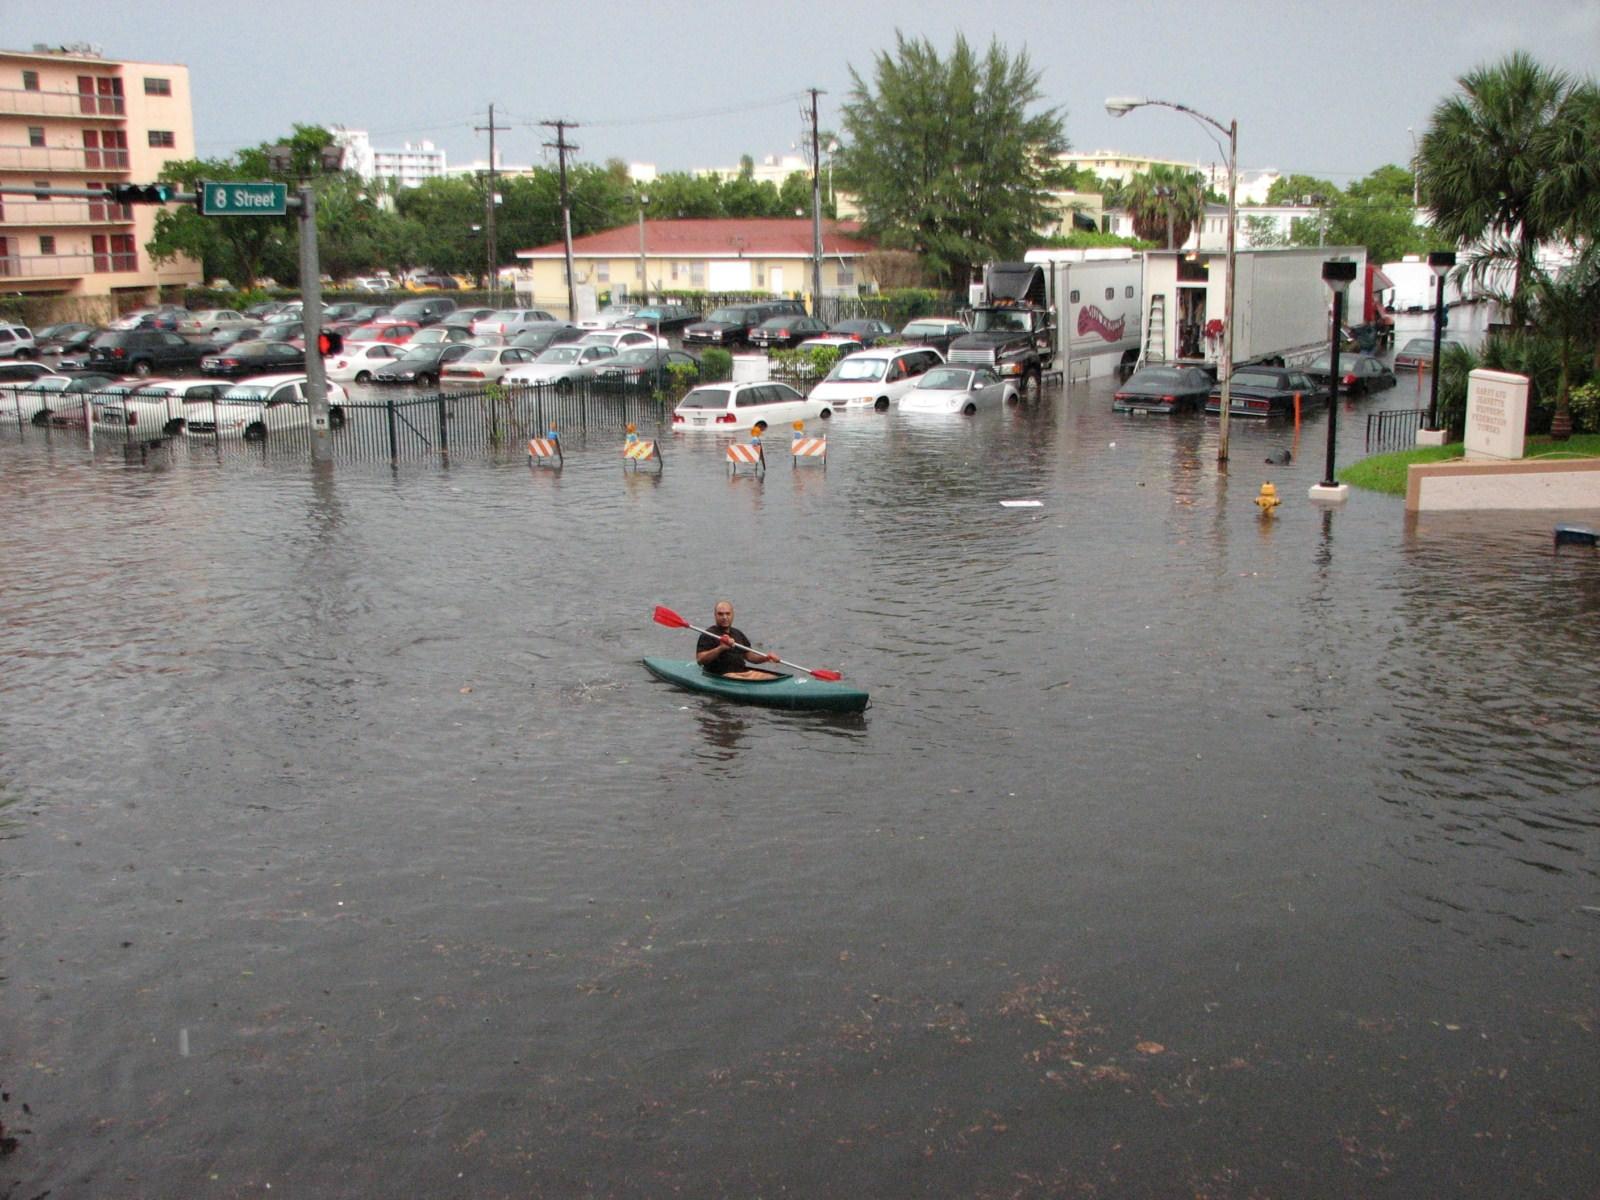 Image of flooding on Miami Beach